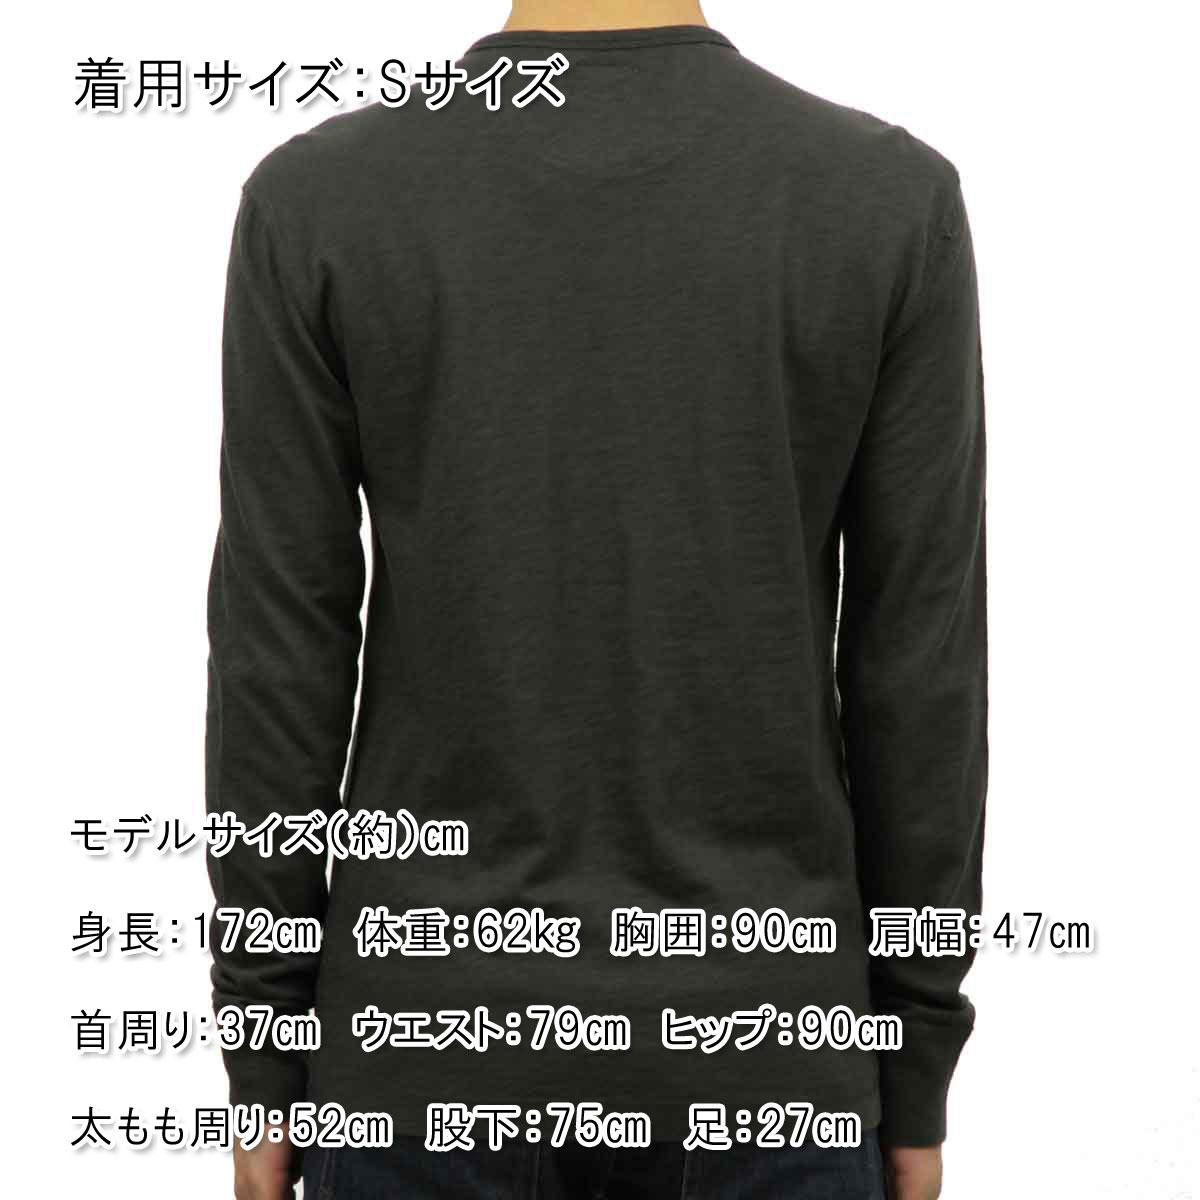 ジェイクルー J.CREW 正規品 メンズ 長袖Tシャツ TEXTURED COTTON HENLEY a9084